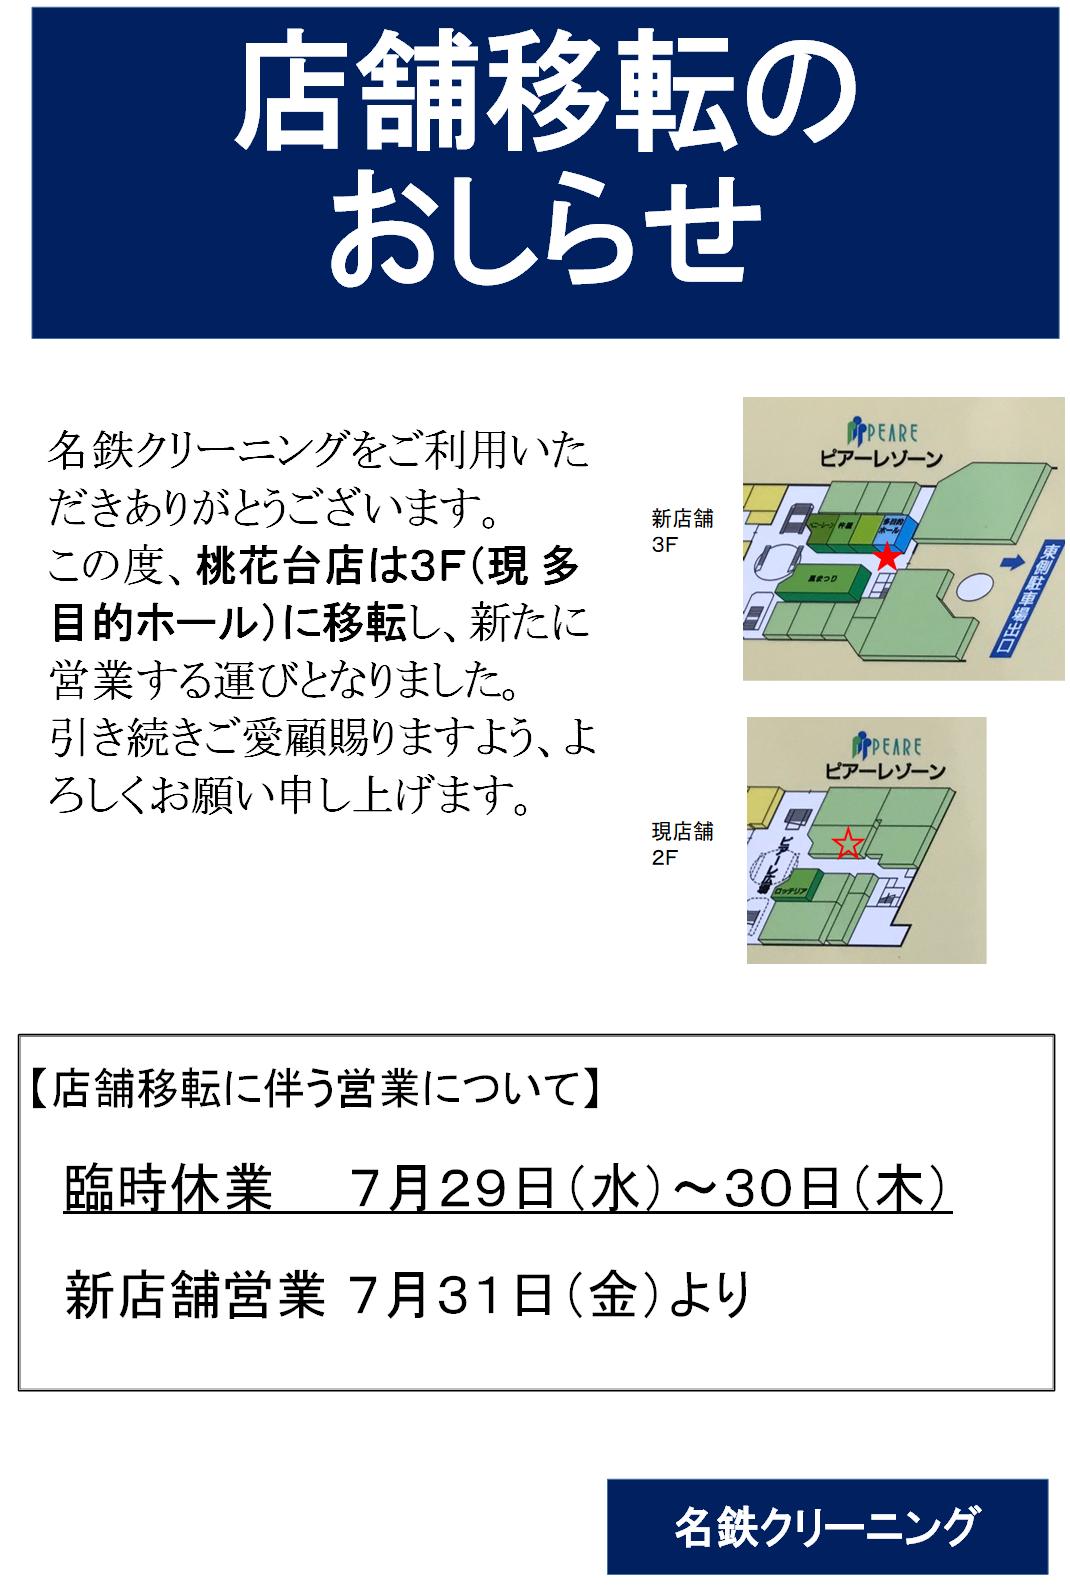 桃花台店店舗移転のお知らせ